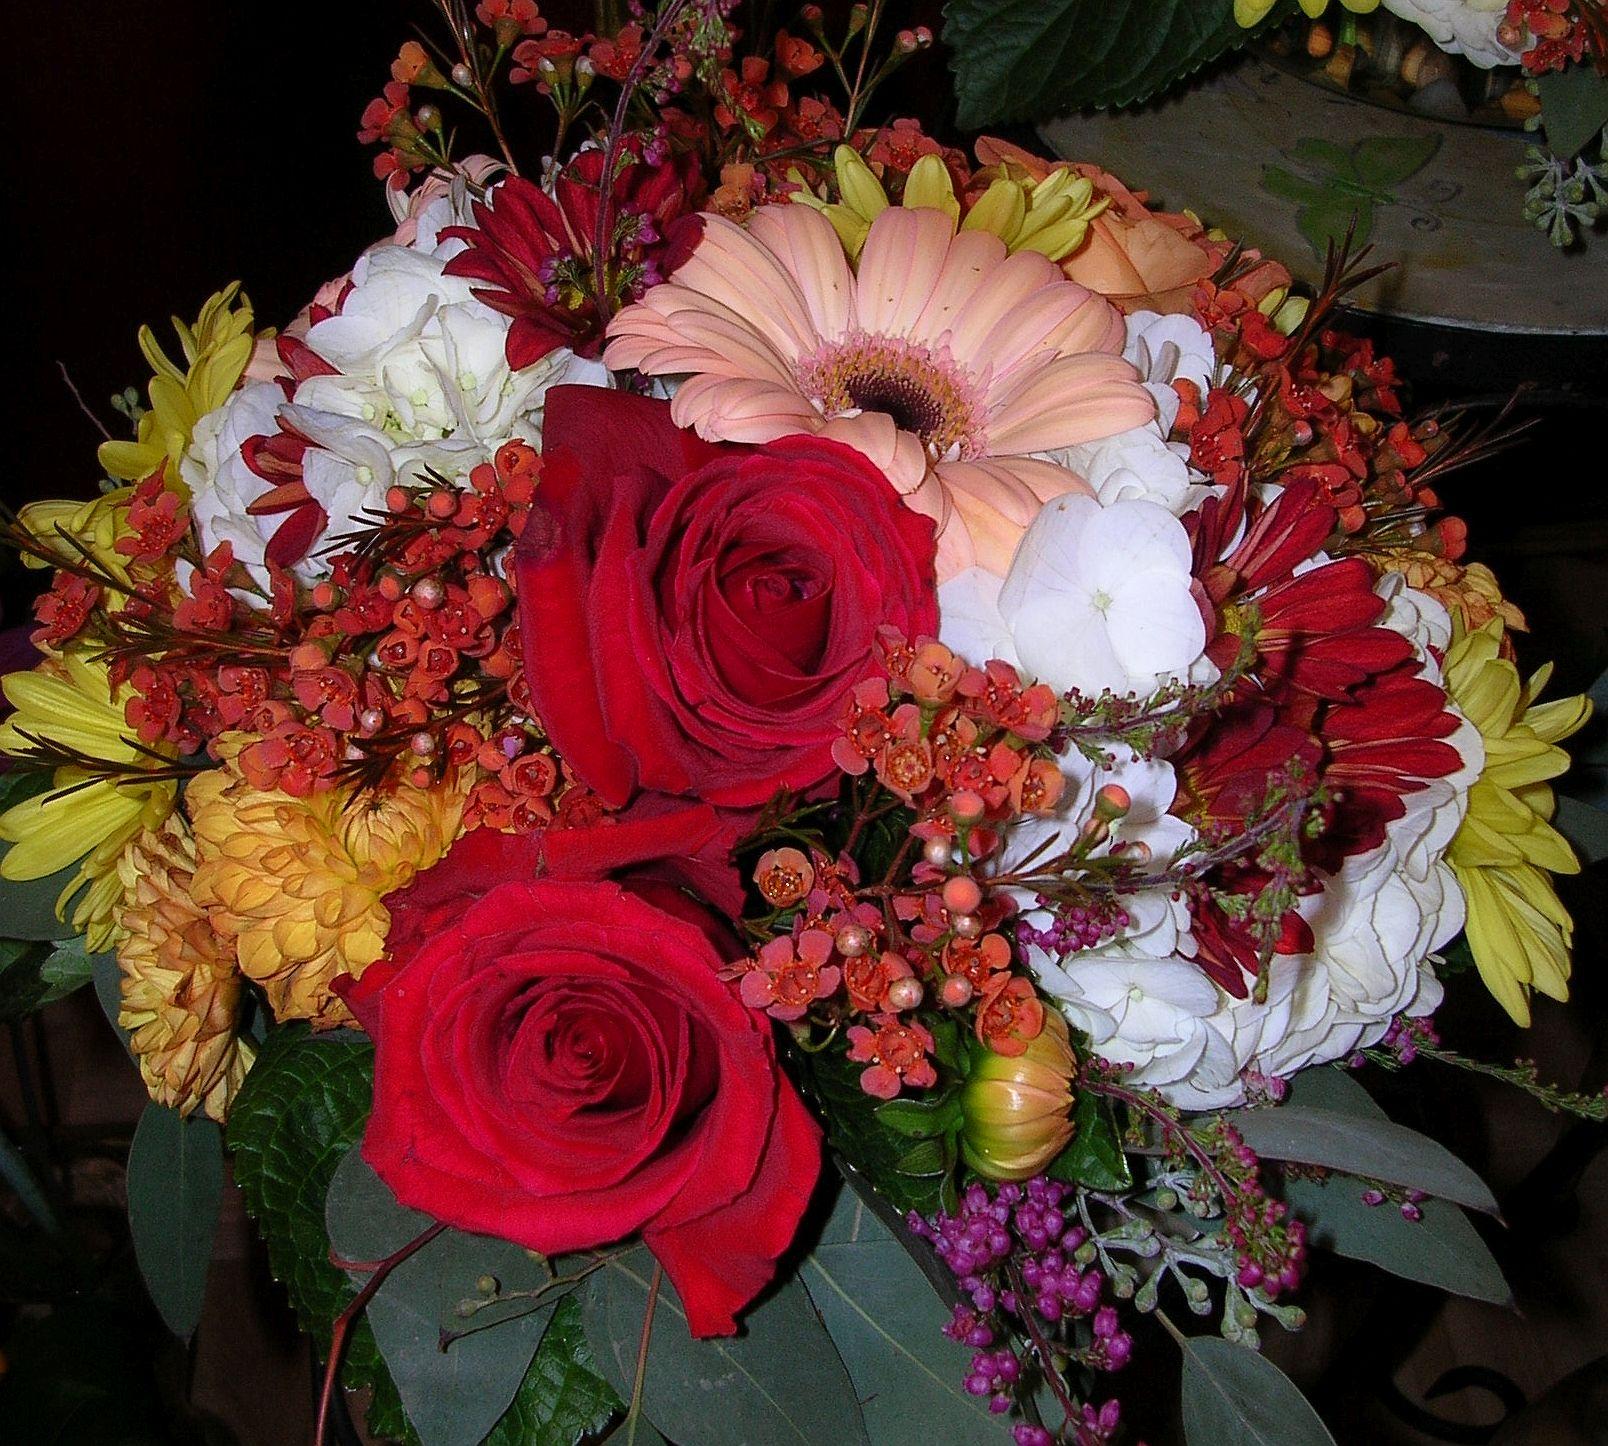 JFG_Oct_2009 032.jpg